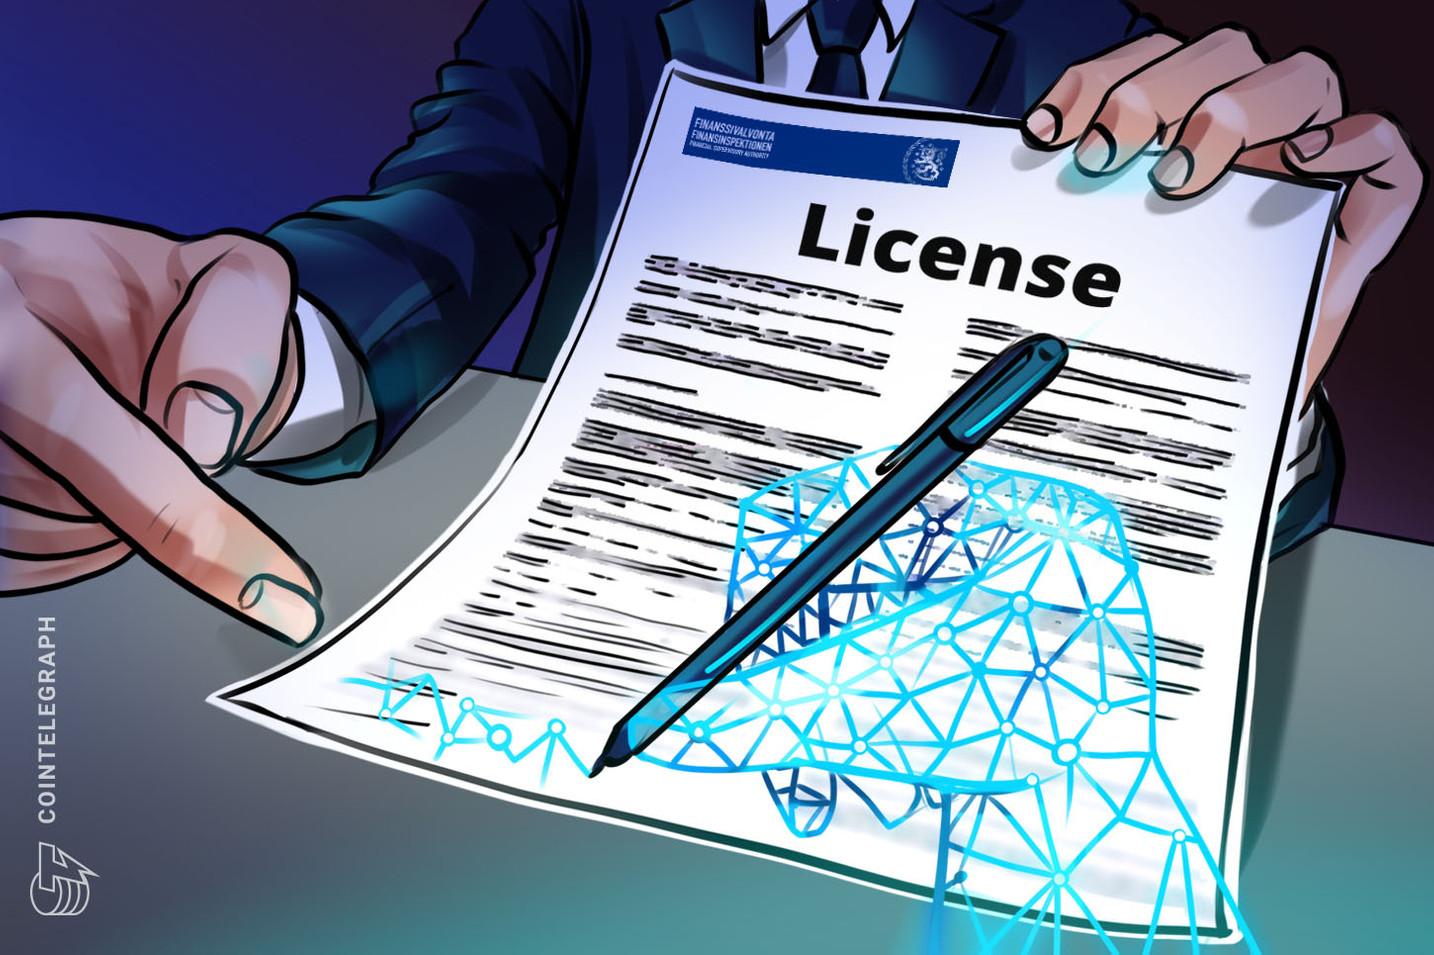 LocalBitcoins recibe licencia como proveedor de moneda virtual por la FSA de Finlandia